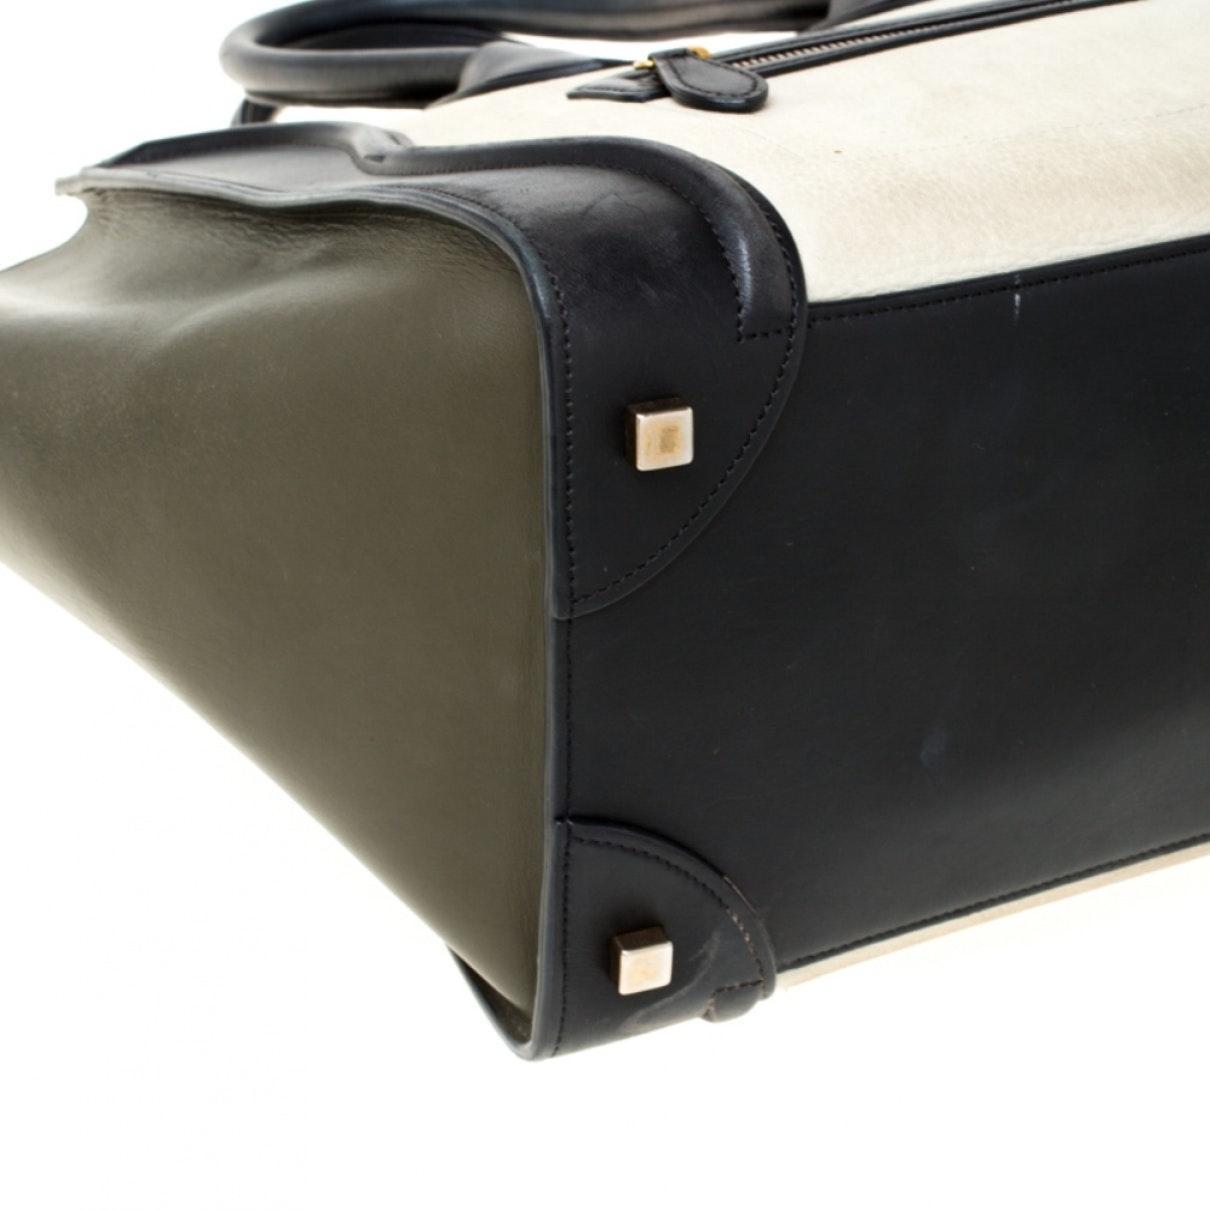 Celine Luggage Leder Handtaschen in Schwarz LWiPB